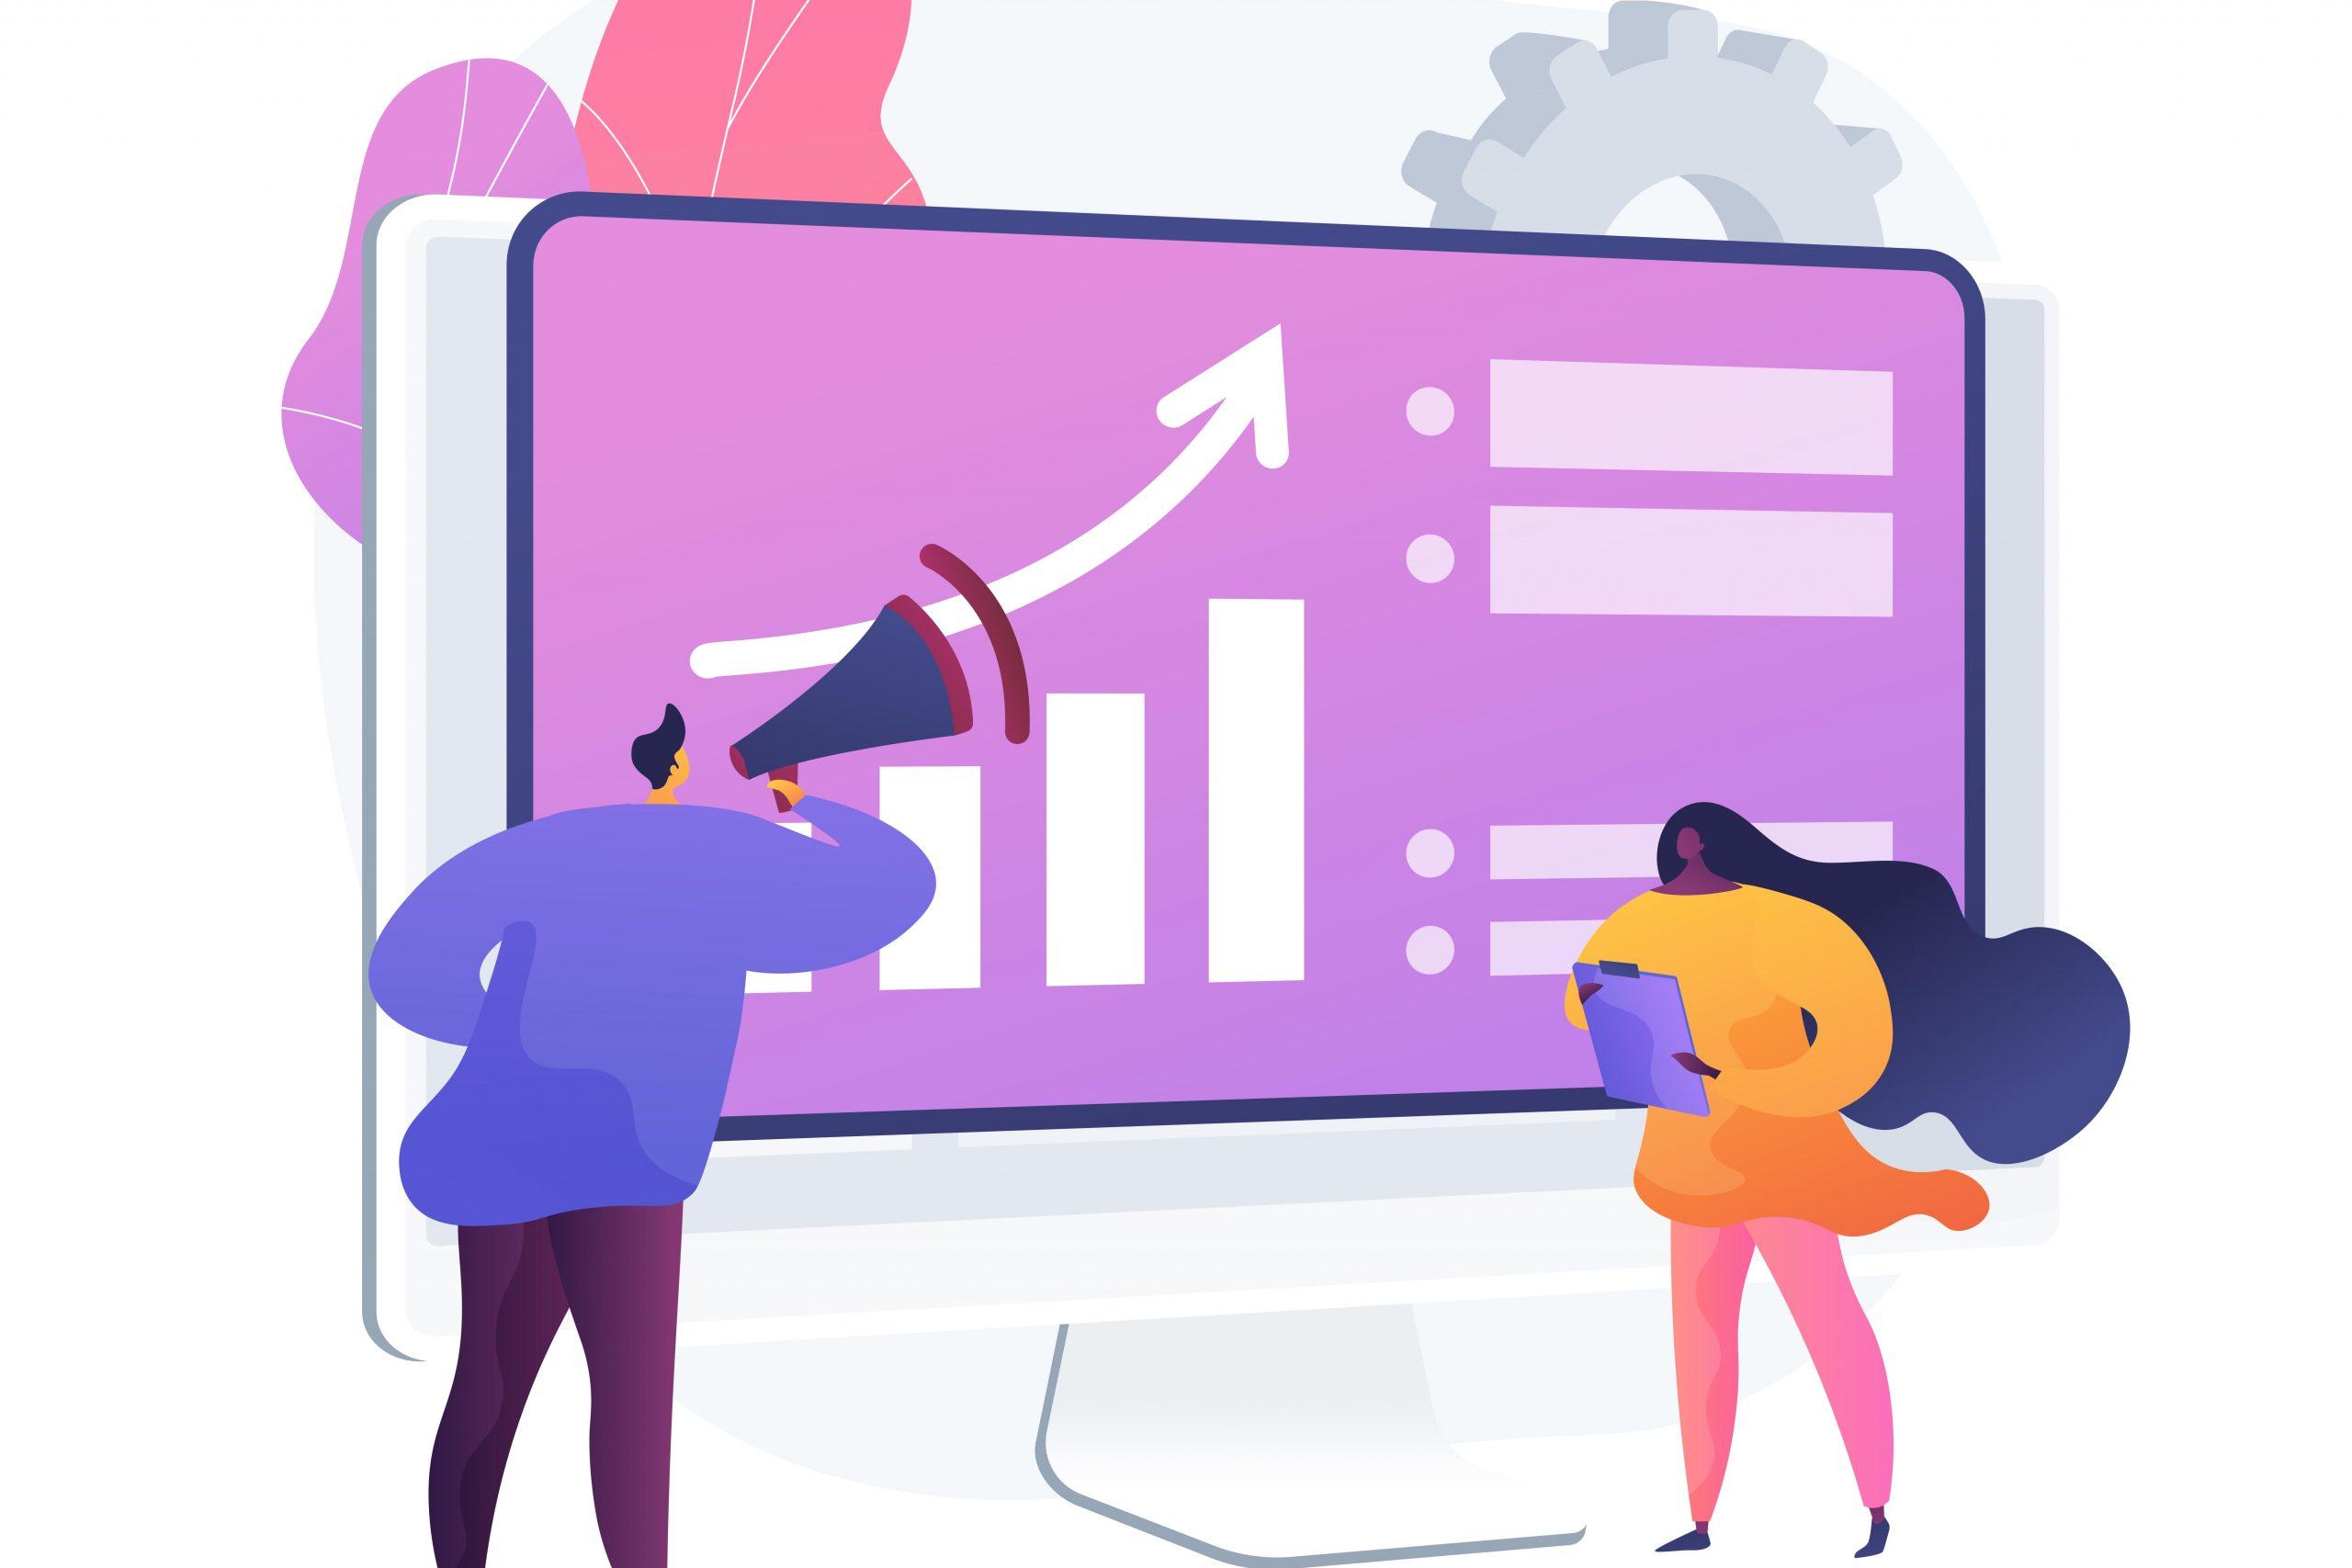 Seu anúncio está em revisão no Google Ads? Entenda o que significa